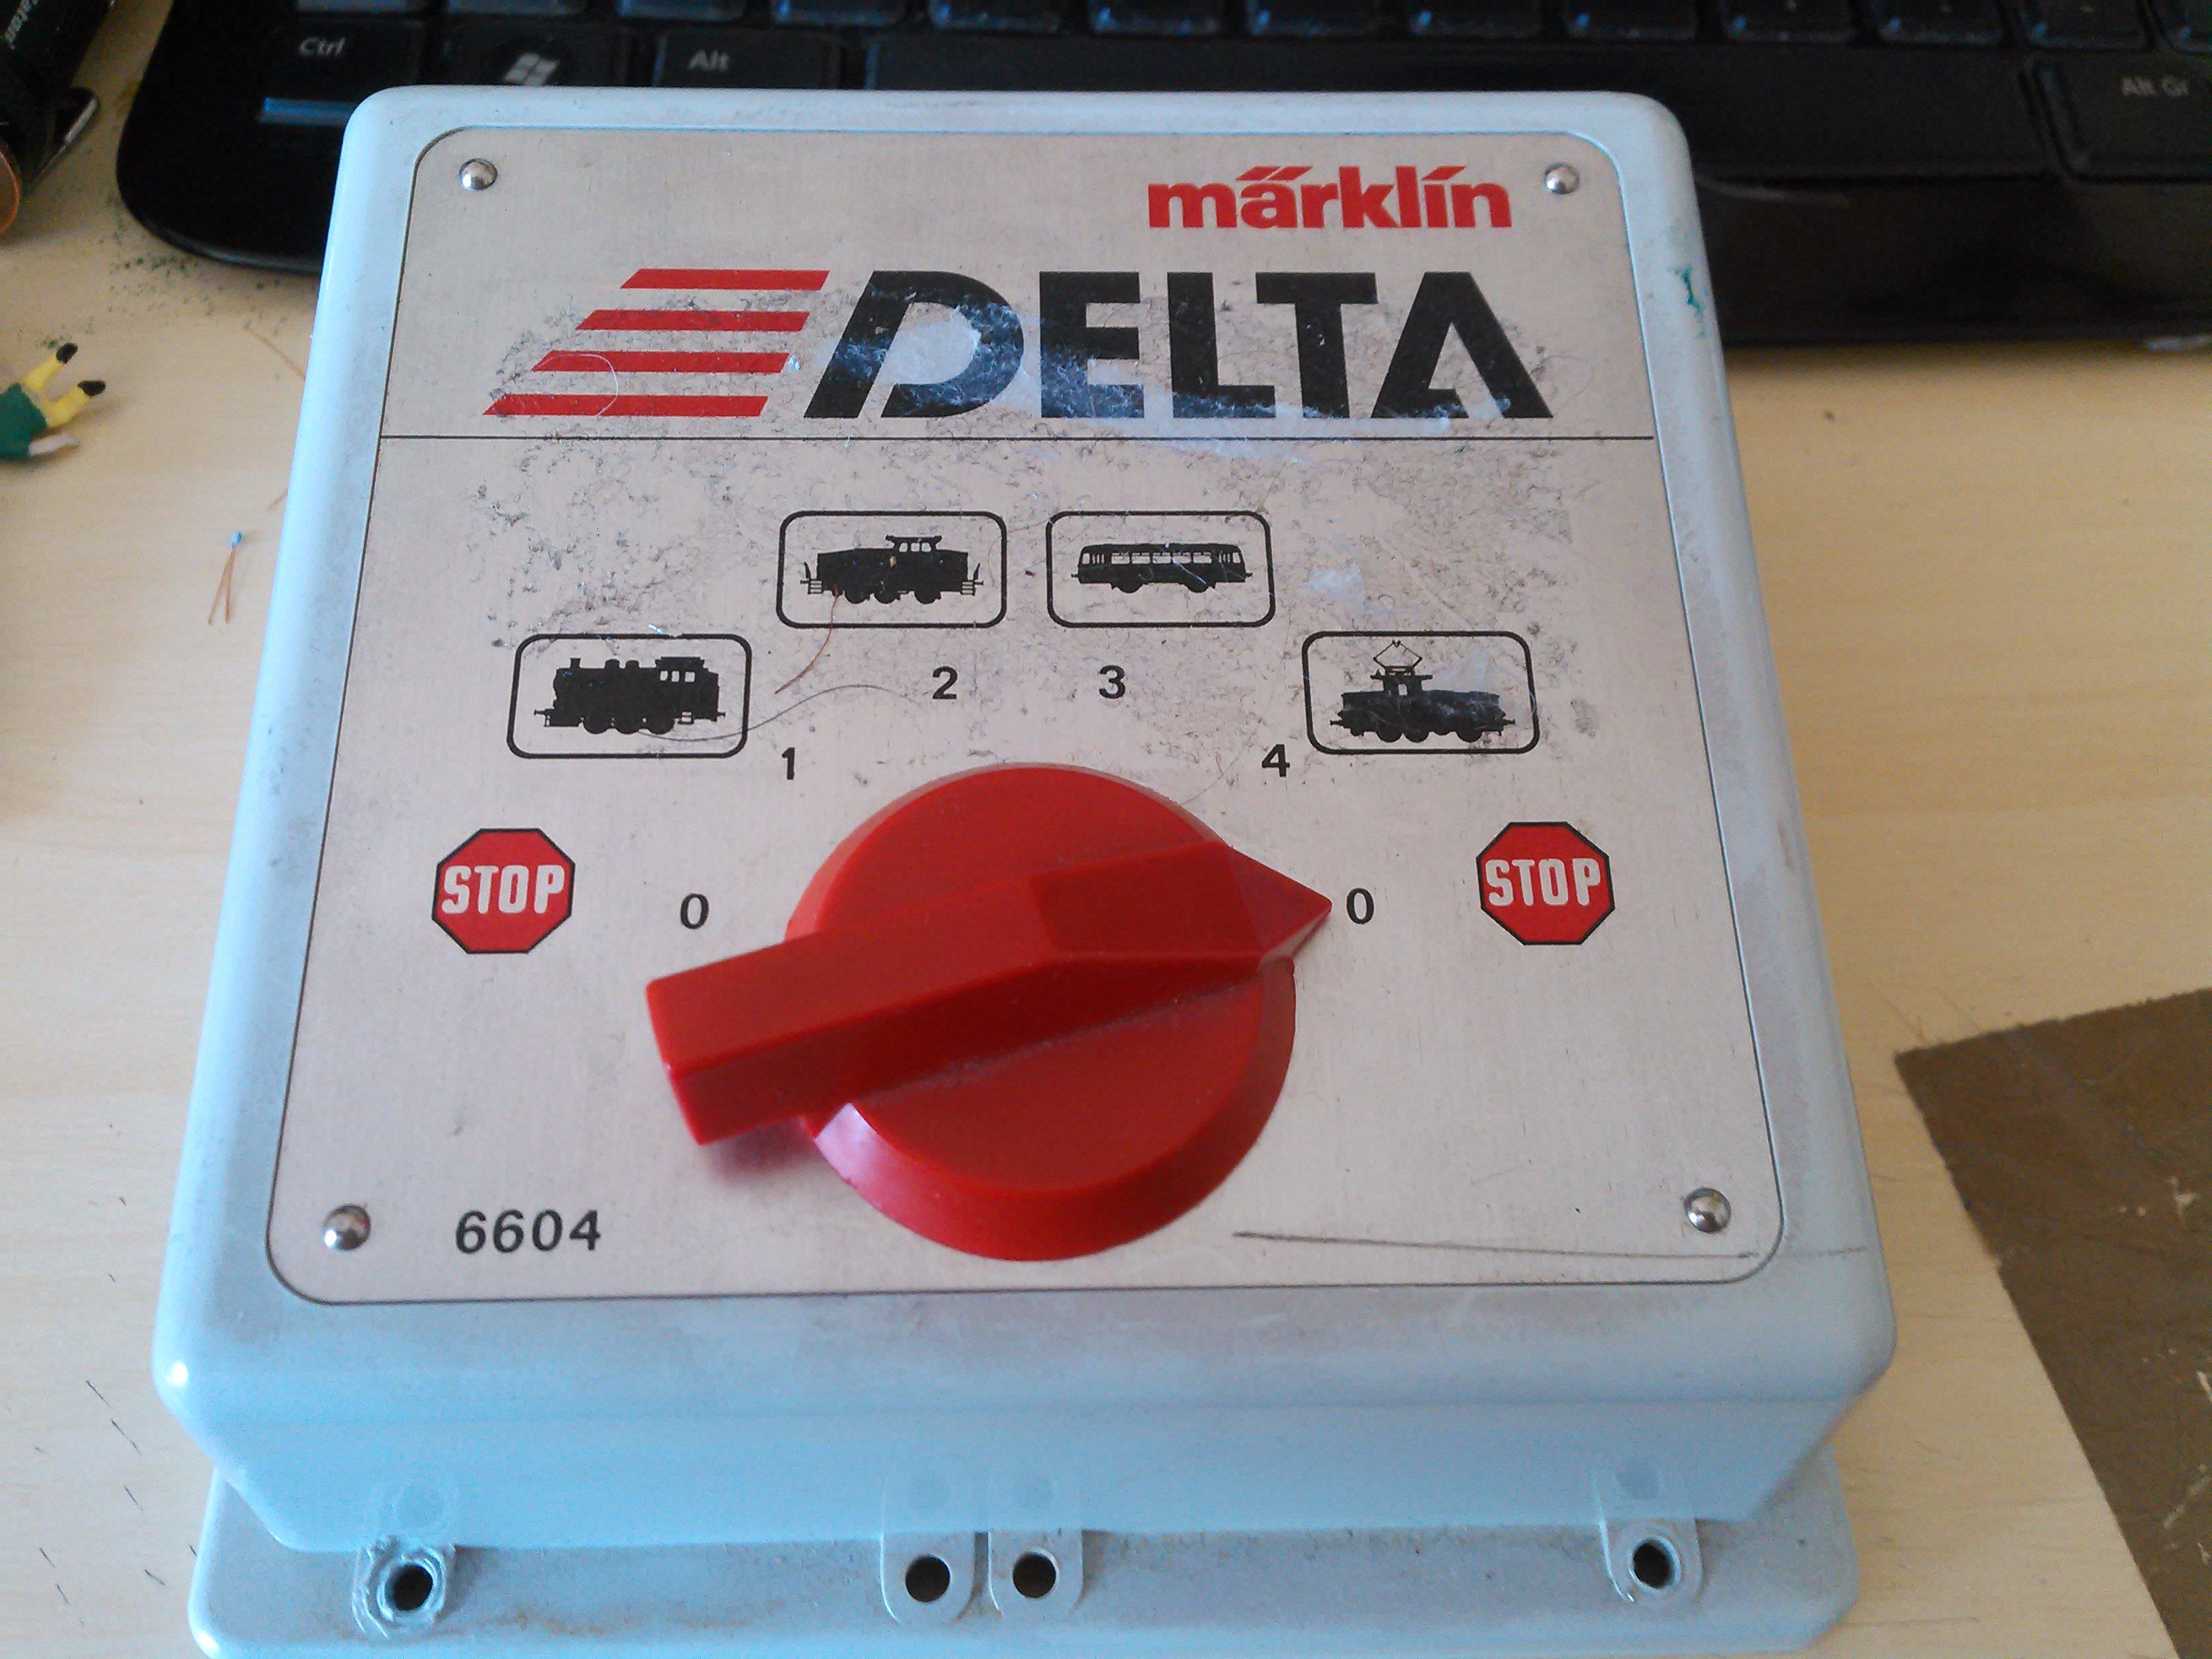 Delta-keskusyksikkö